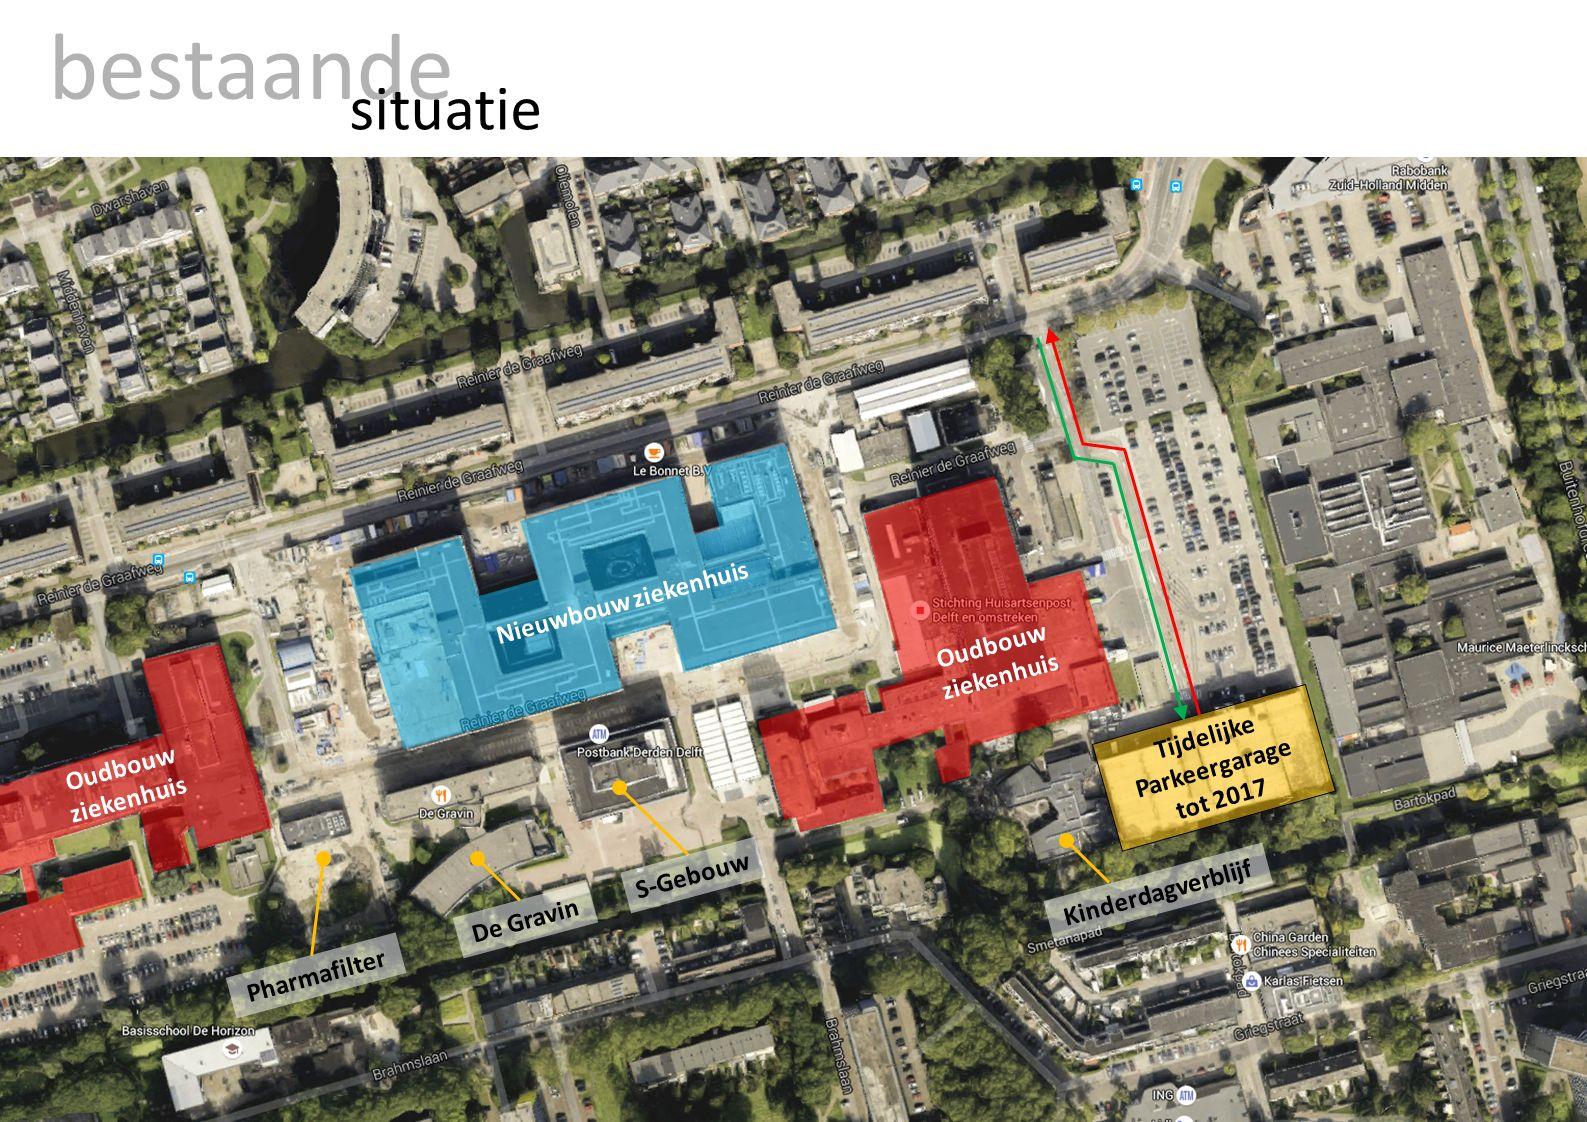 Tijdelijke Parkeergarage tot 2017 Nieuwbouw ziekenhuis De Gravin Pharmafilter Kinderdagverblijf Ziekenhuis gesloopt Nieuwe Parkeergarage nieuwe situatie S-Gebouw